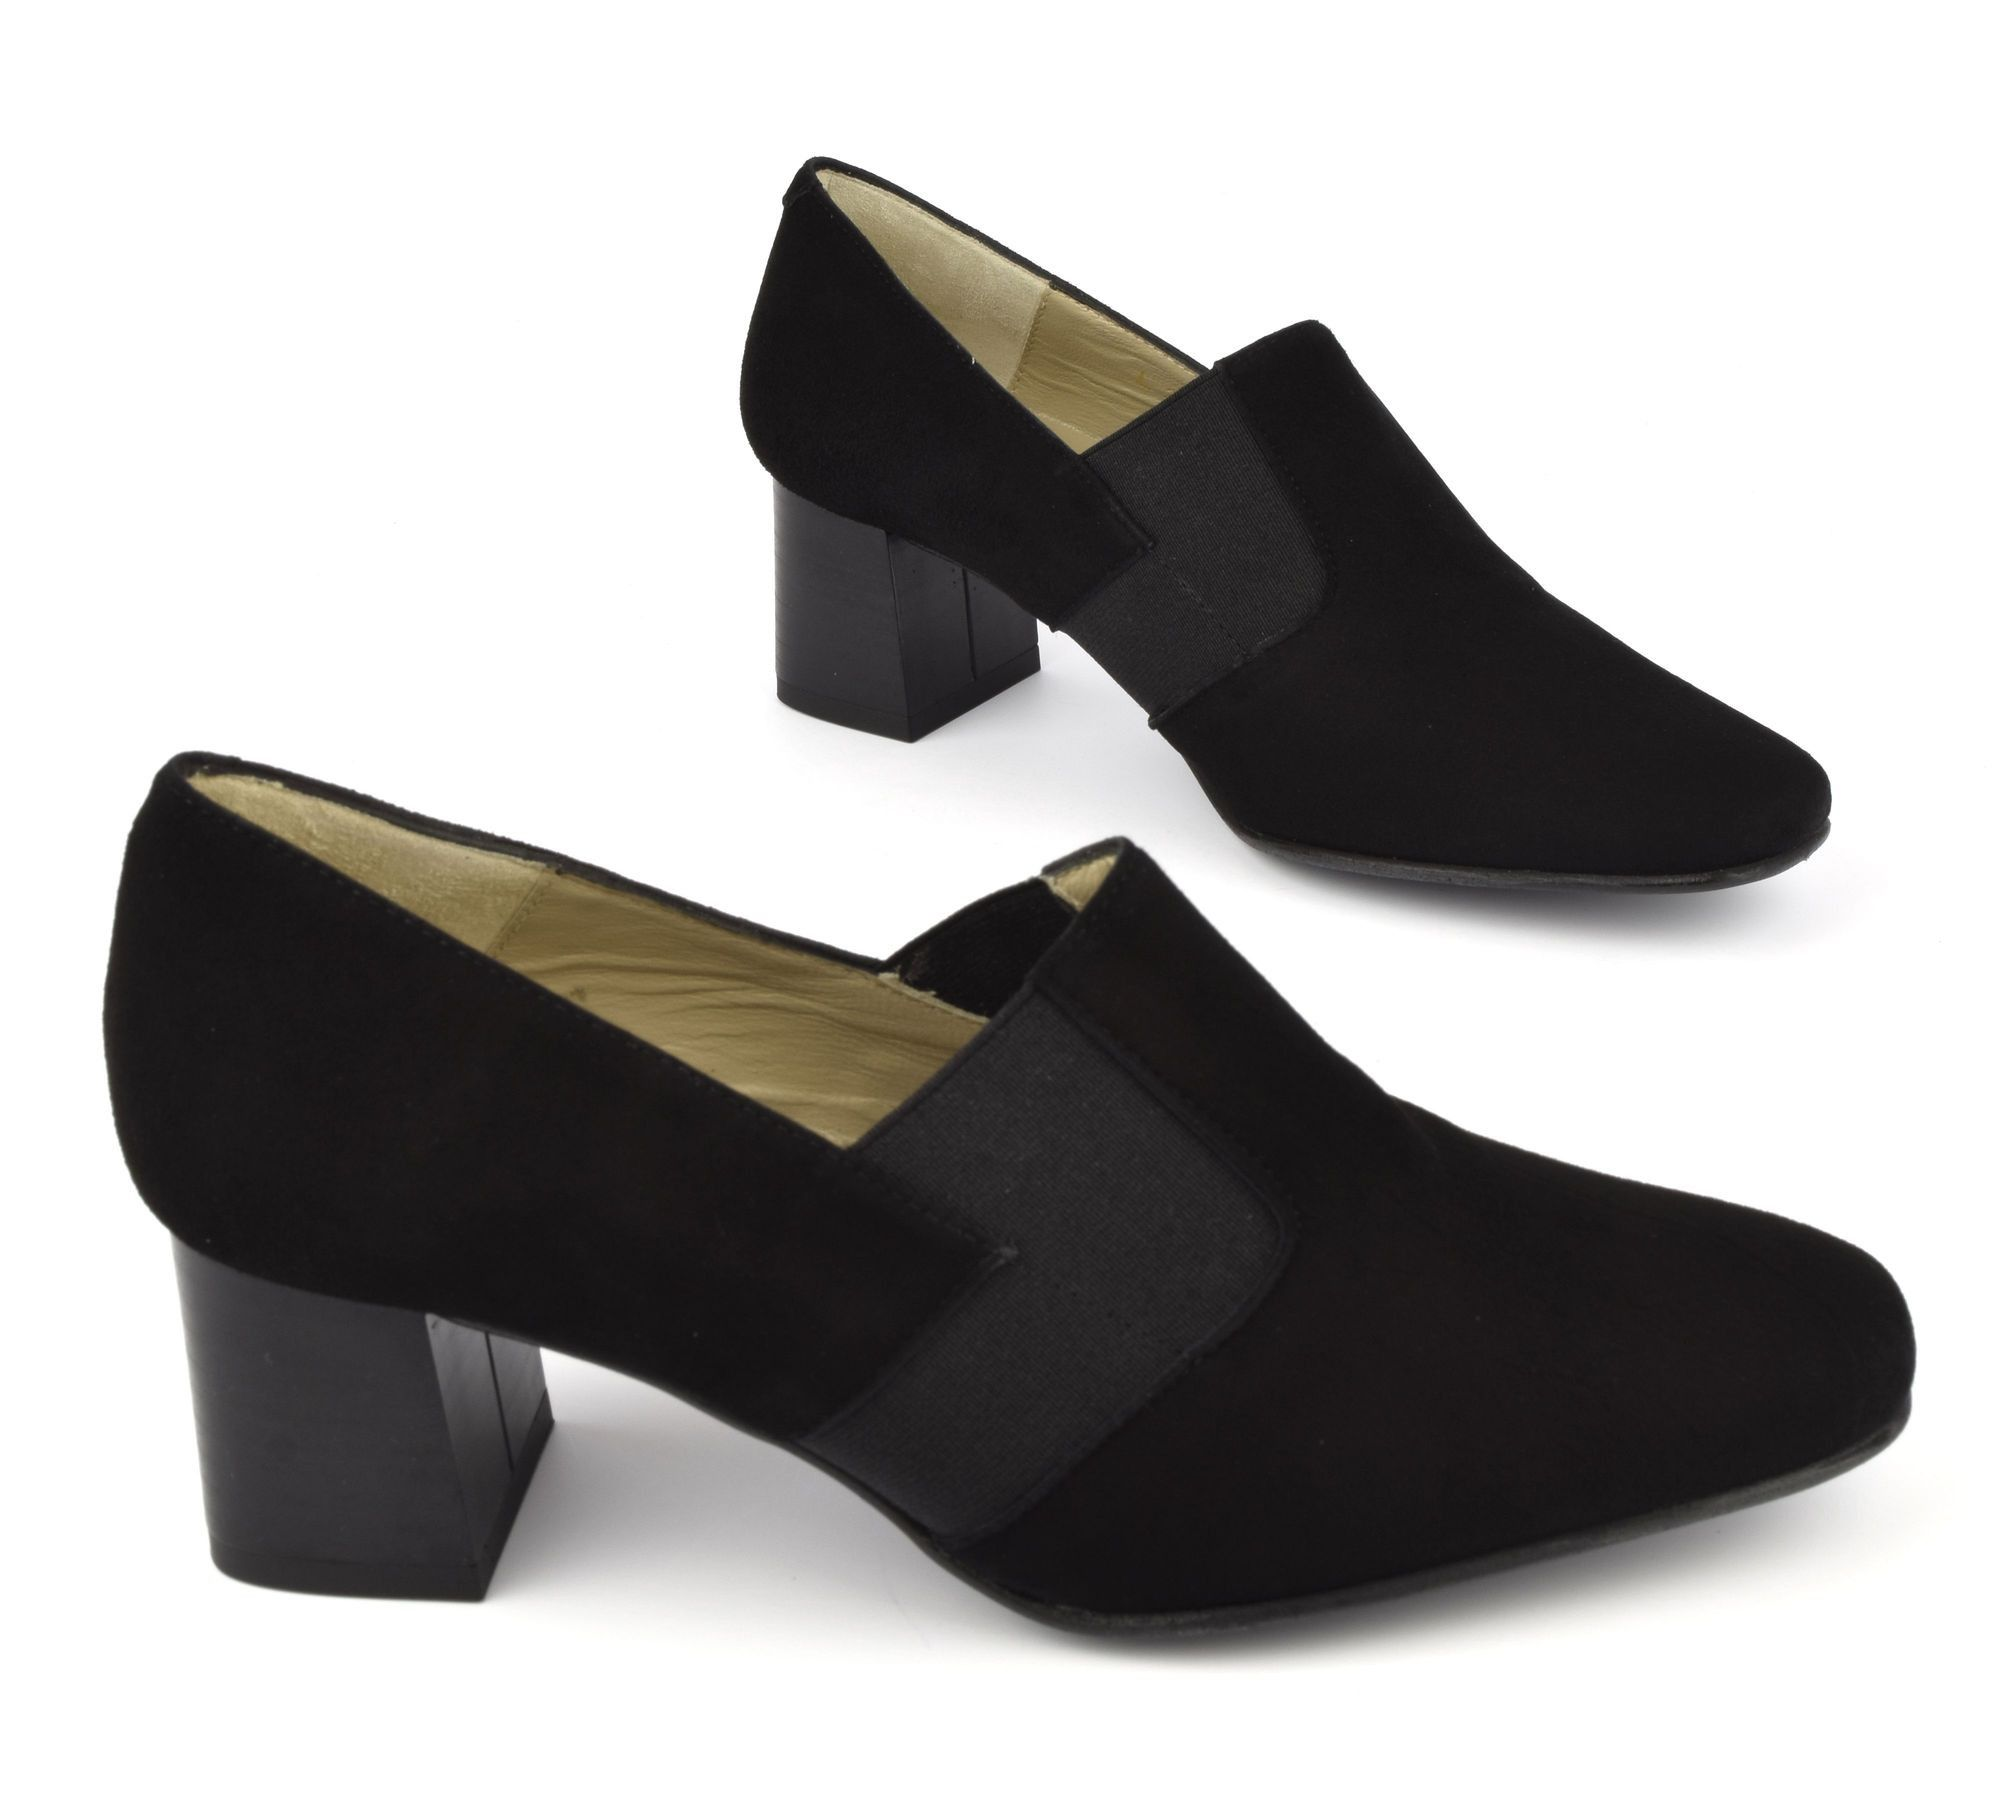 7e07909f695 chaussures petites pointures mi-saison femme